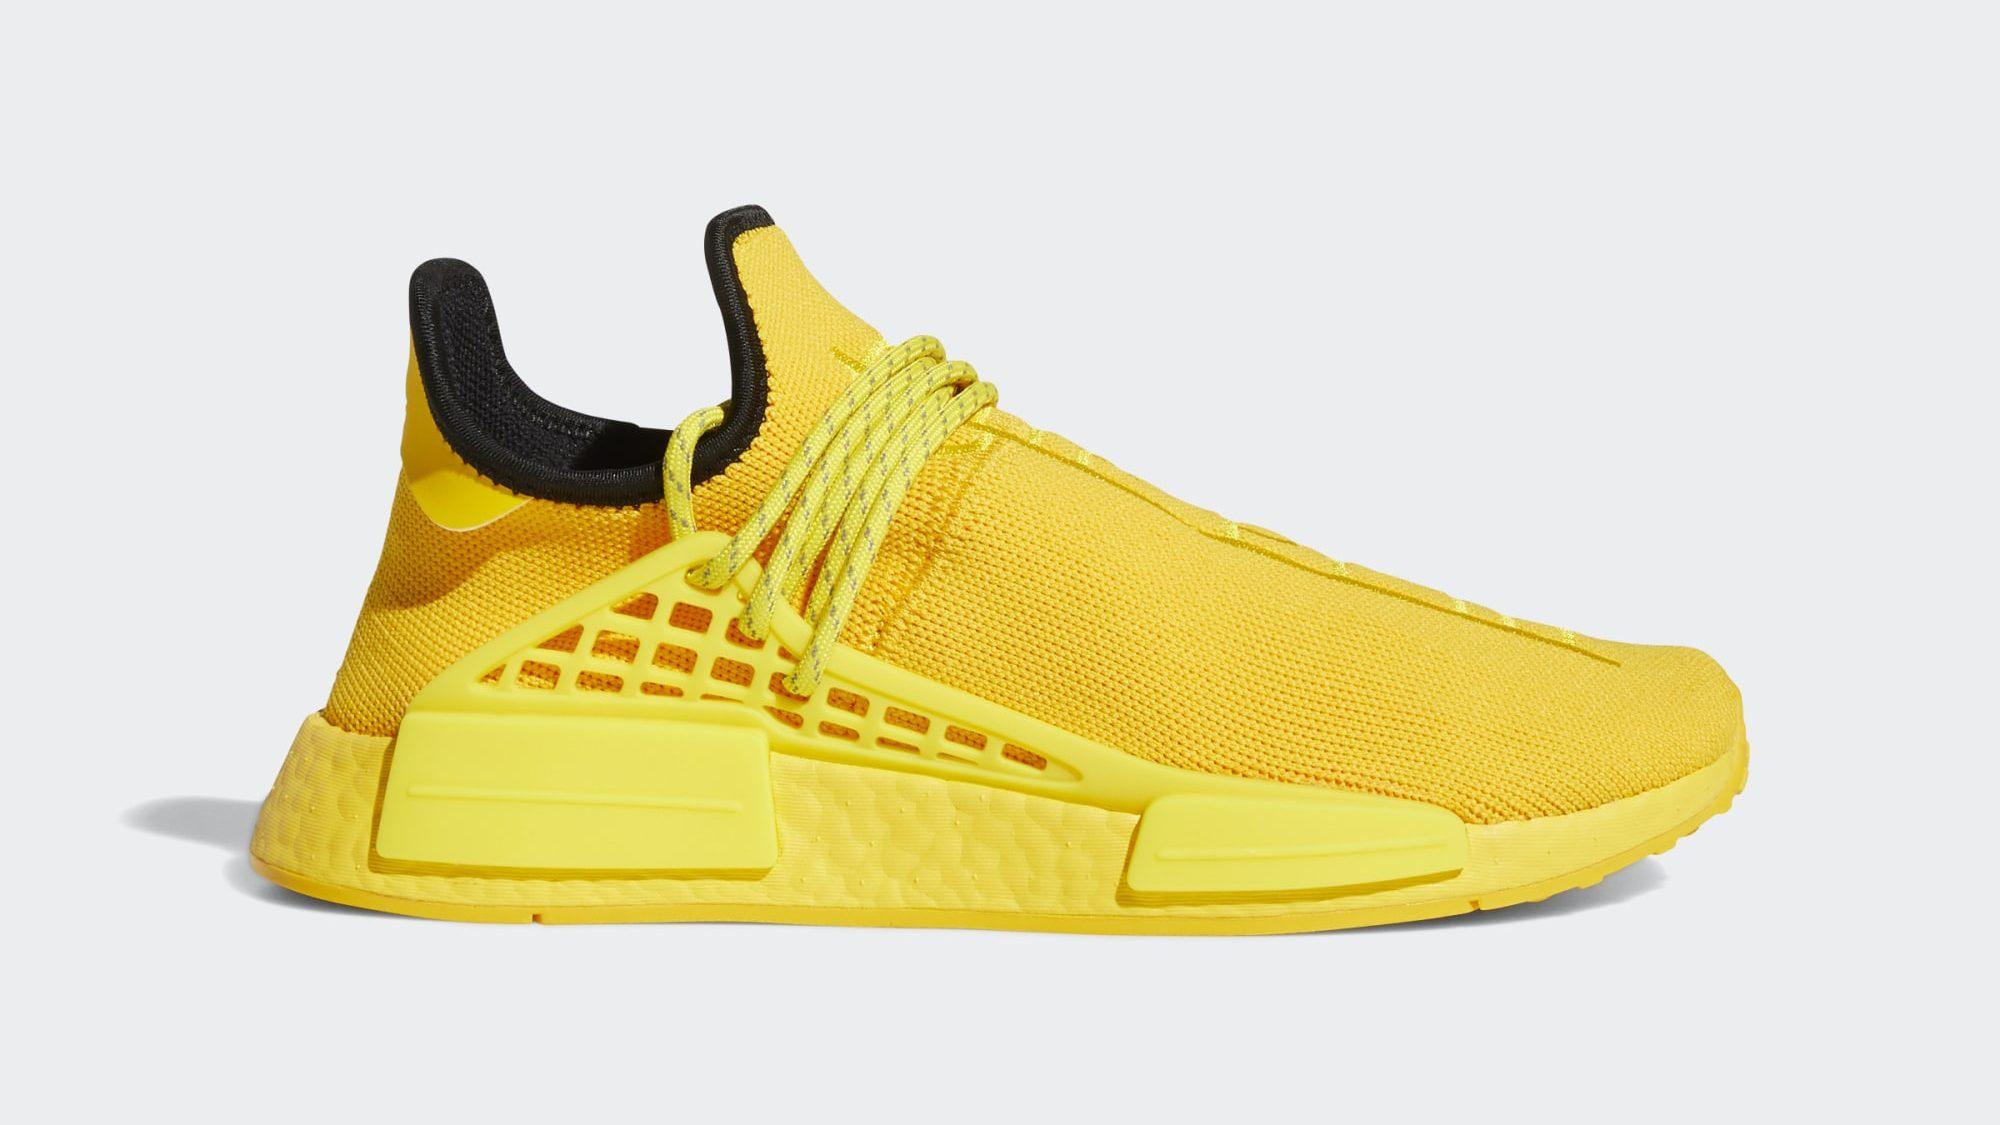 emoción Ir a caminar apagado  Pharrell x Adidas NMD Hu 'Gold' Release Info: How to Buy the Sneaker –  Footwear News